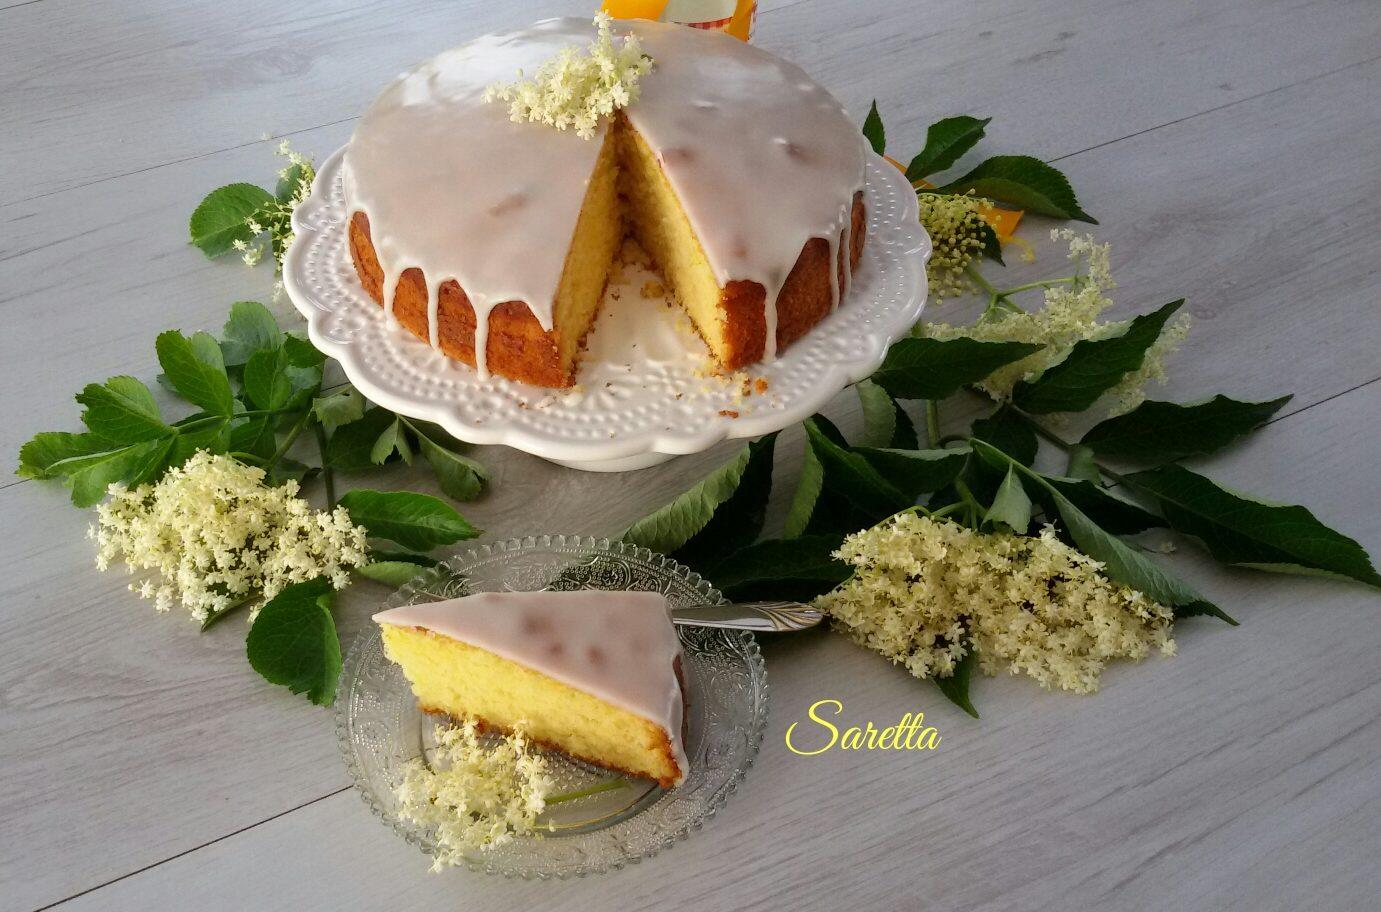 torta al limone con sciroppo ai fiori di sambuco